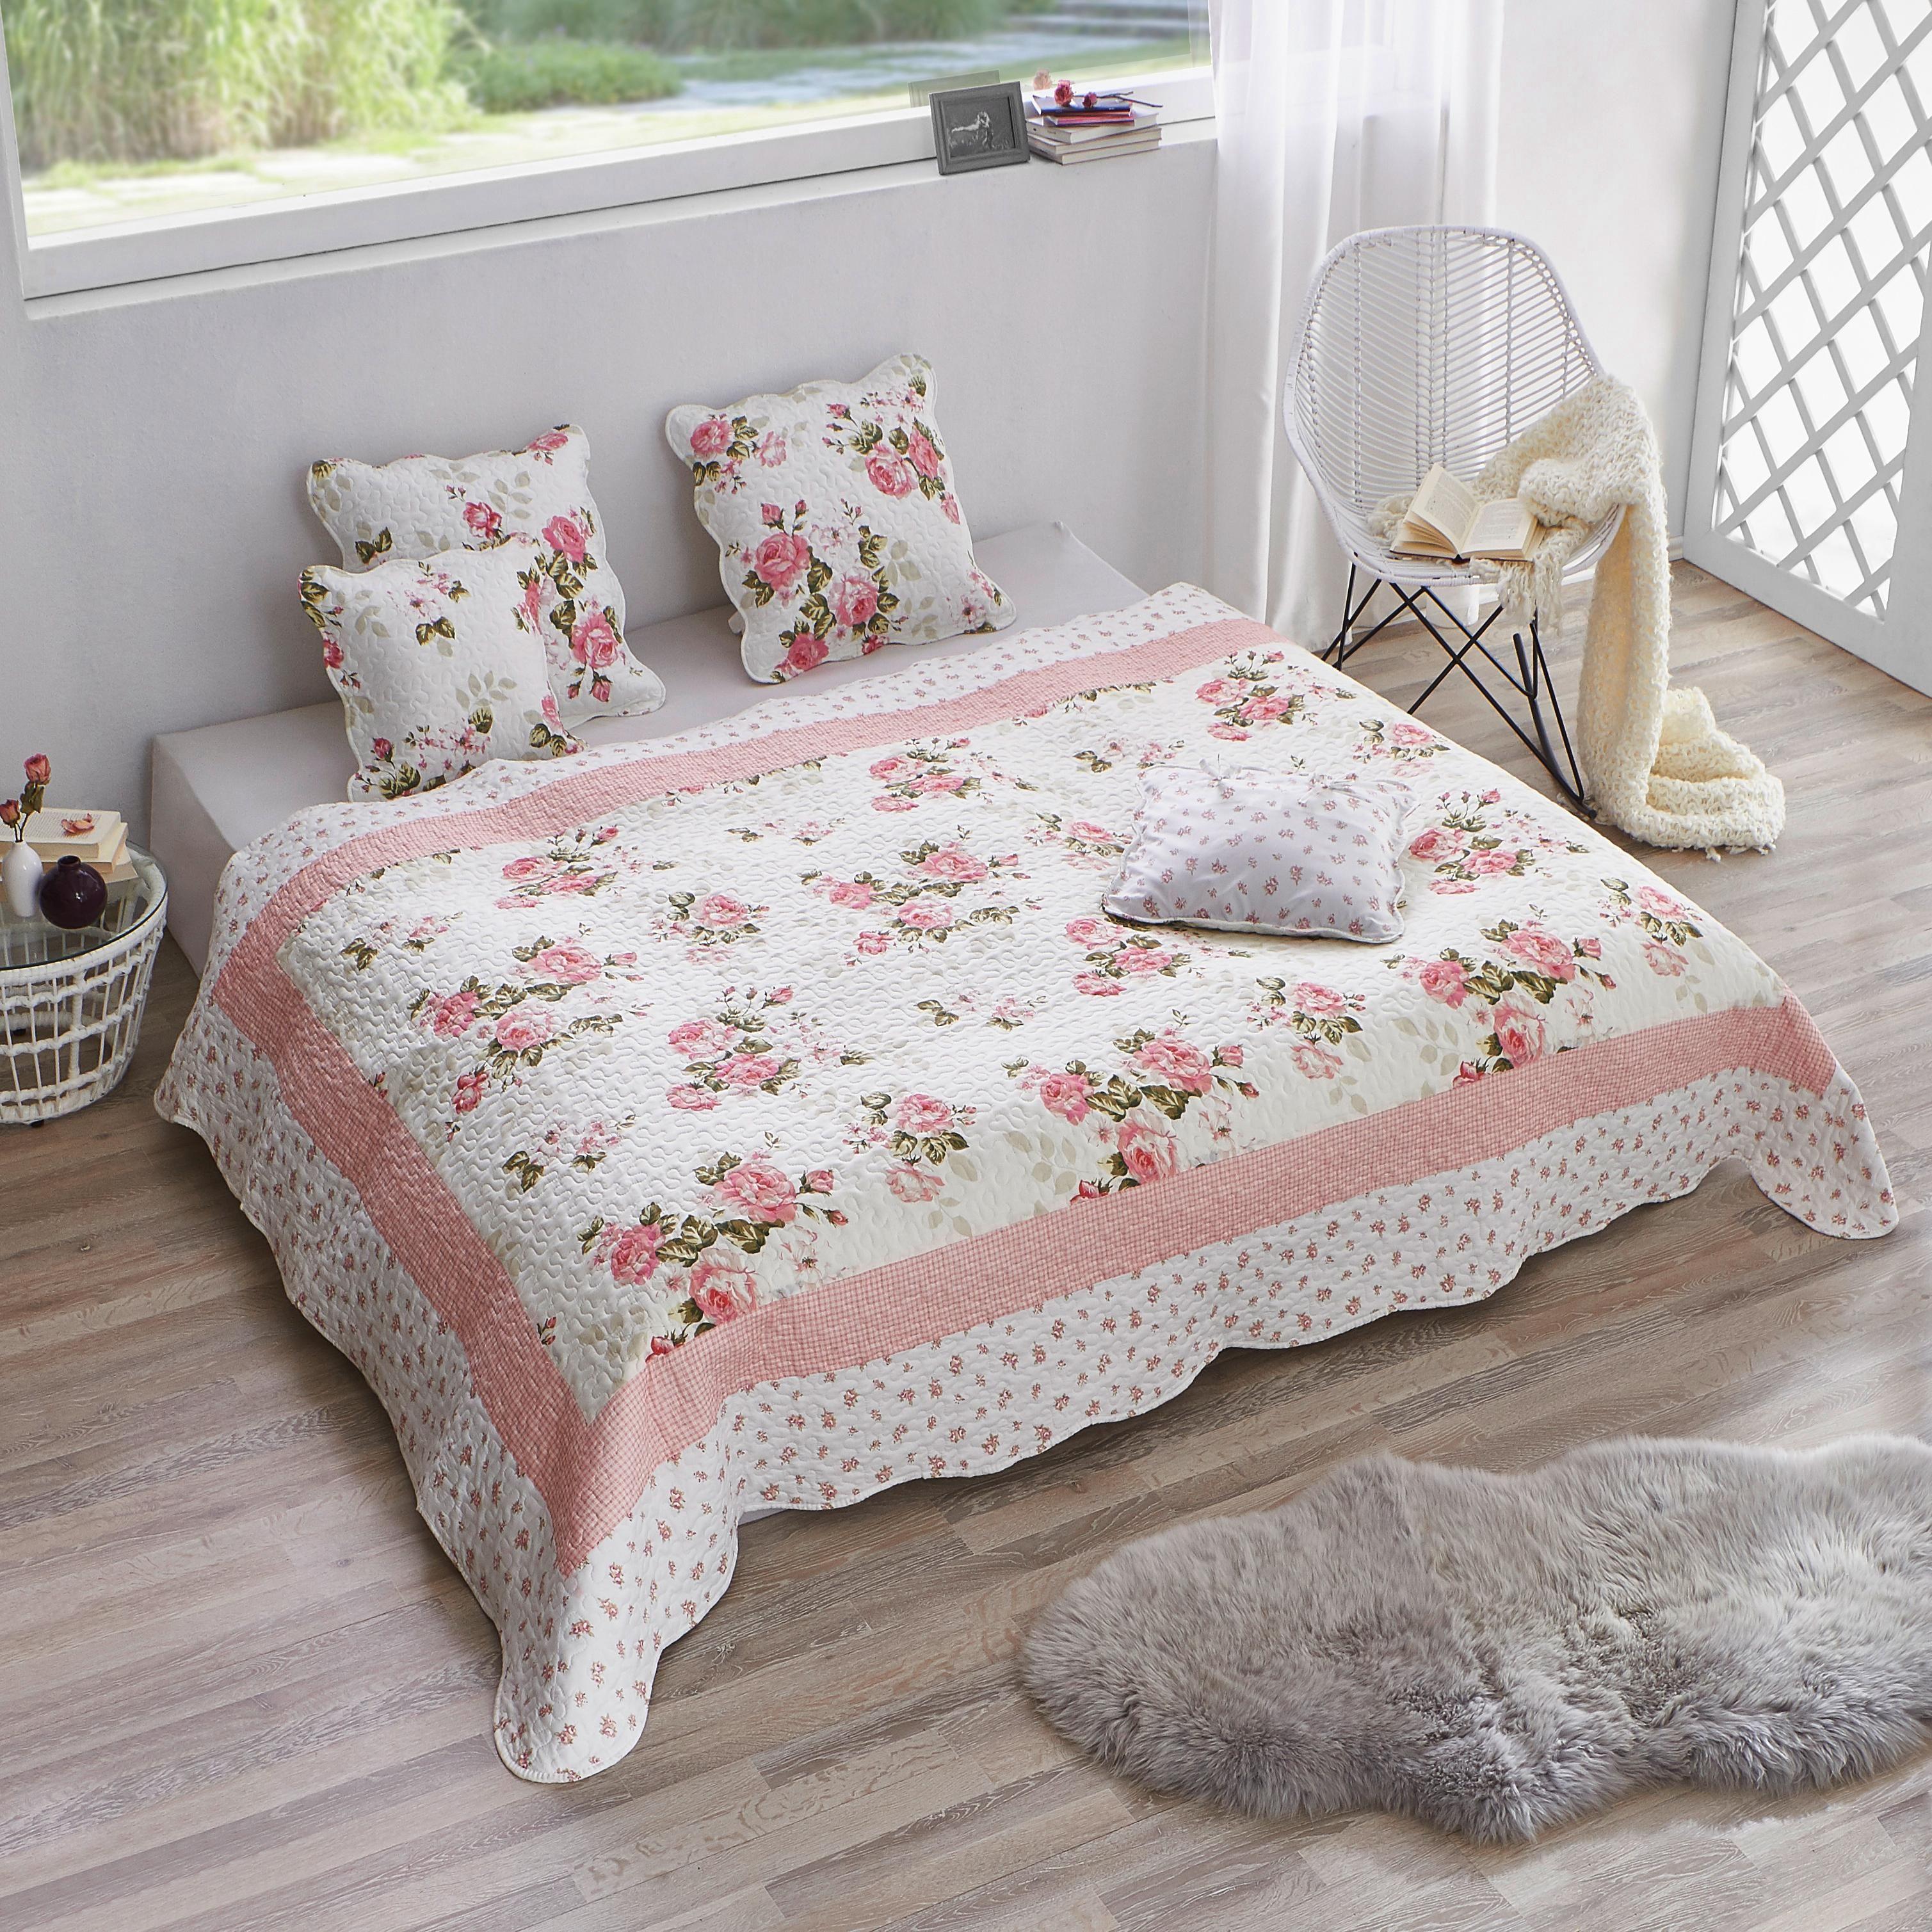 die romantische tagesdecke mit blumenmuster bereichert dein, Schlafzimmer entwurf